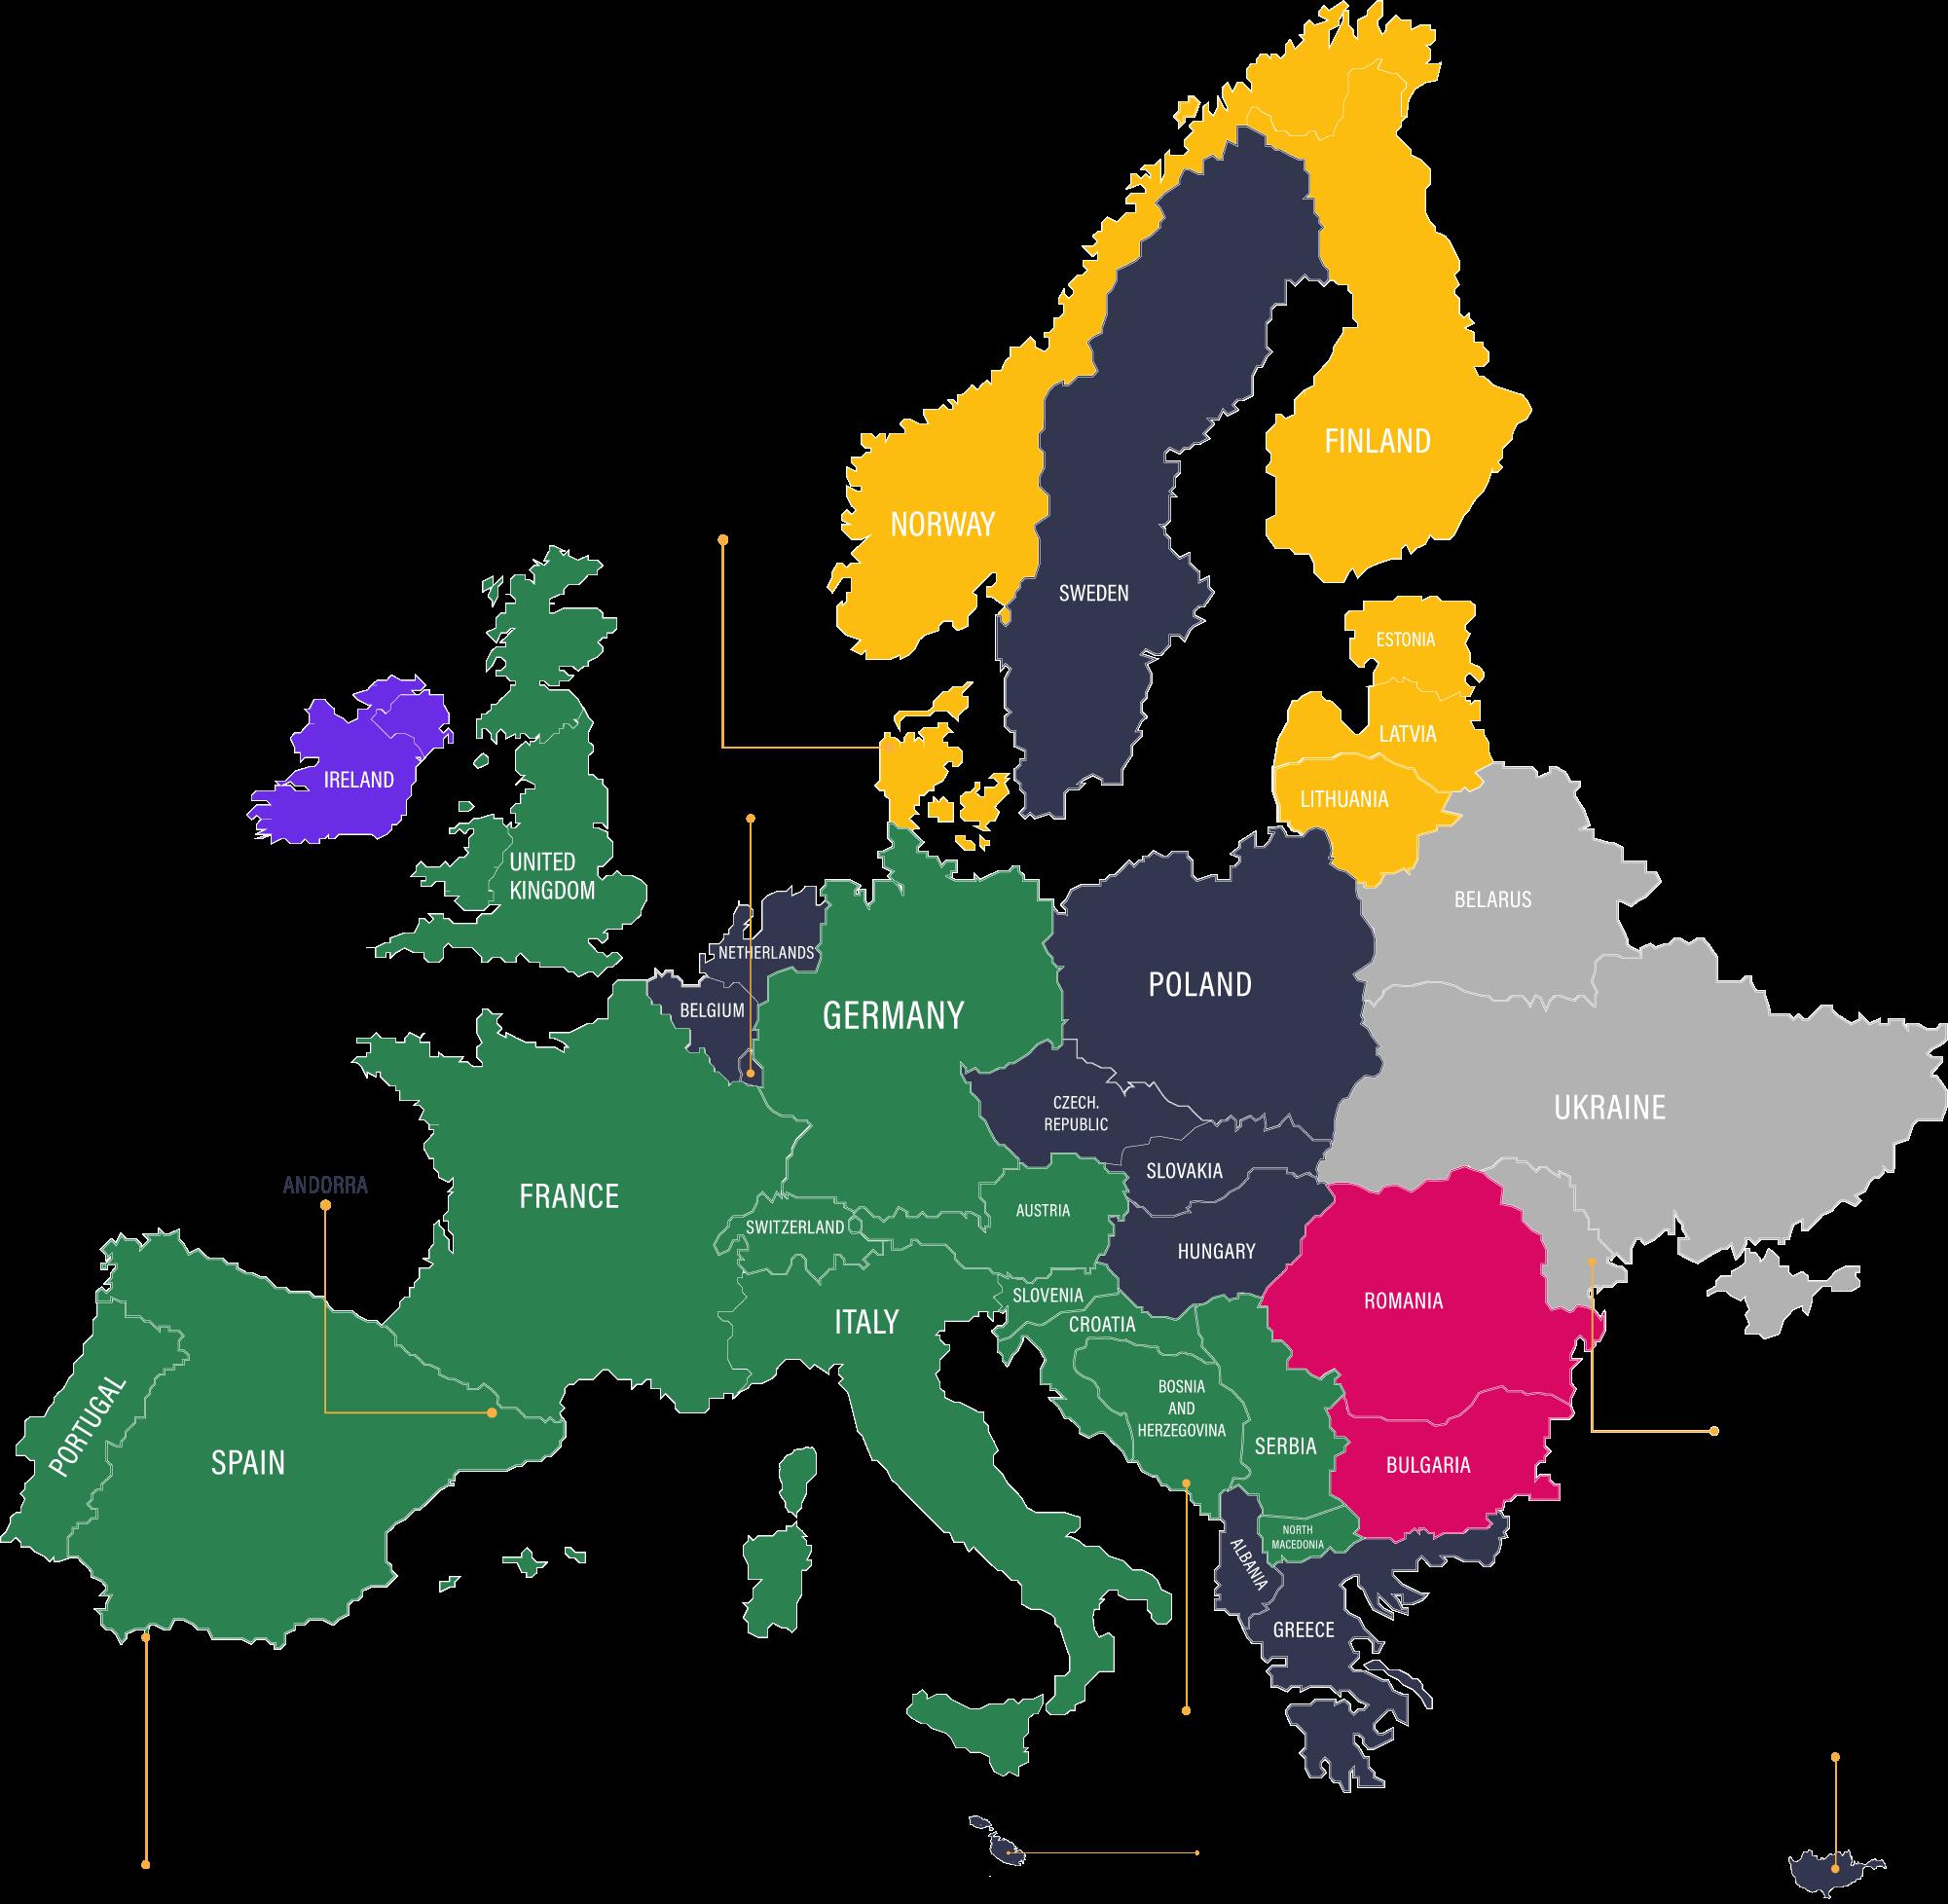 mappa versione mobile